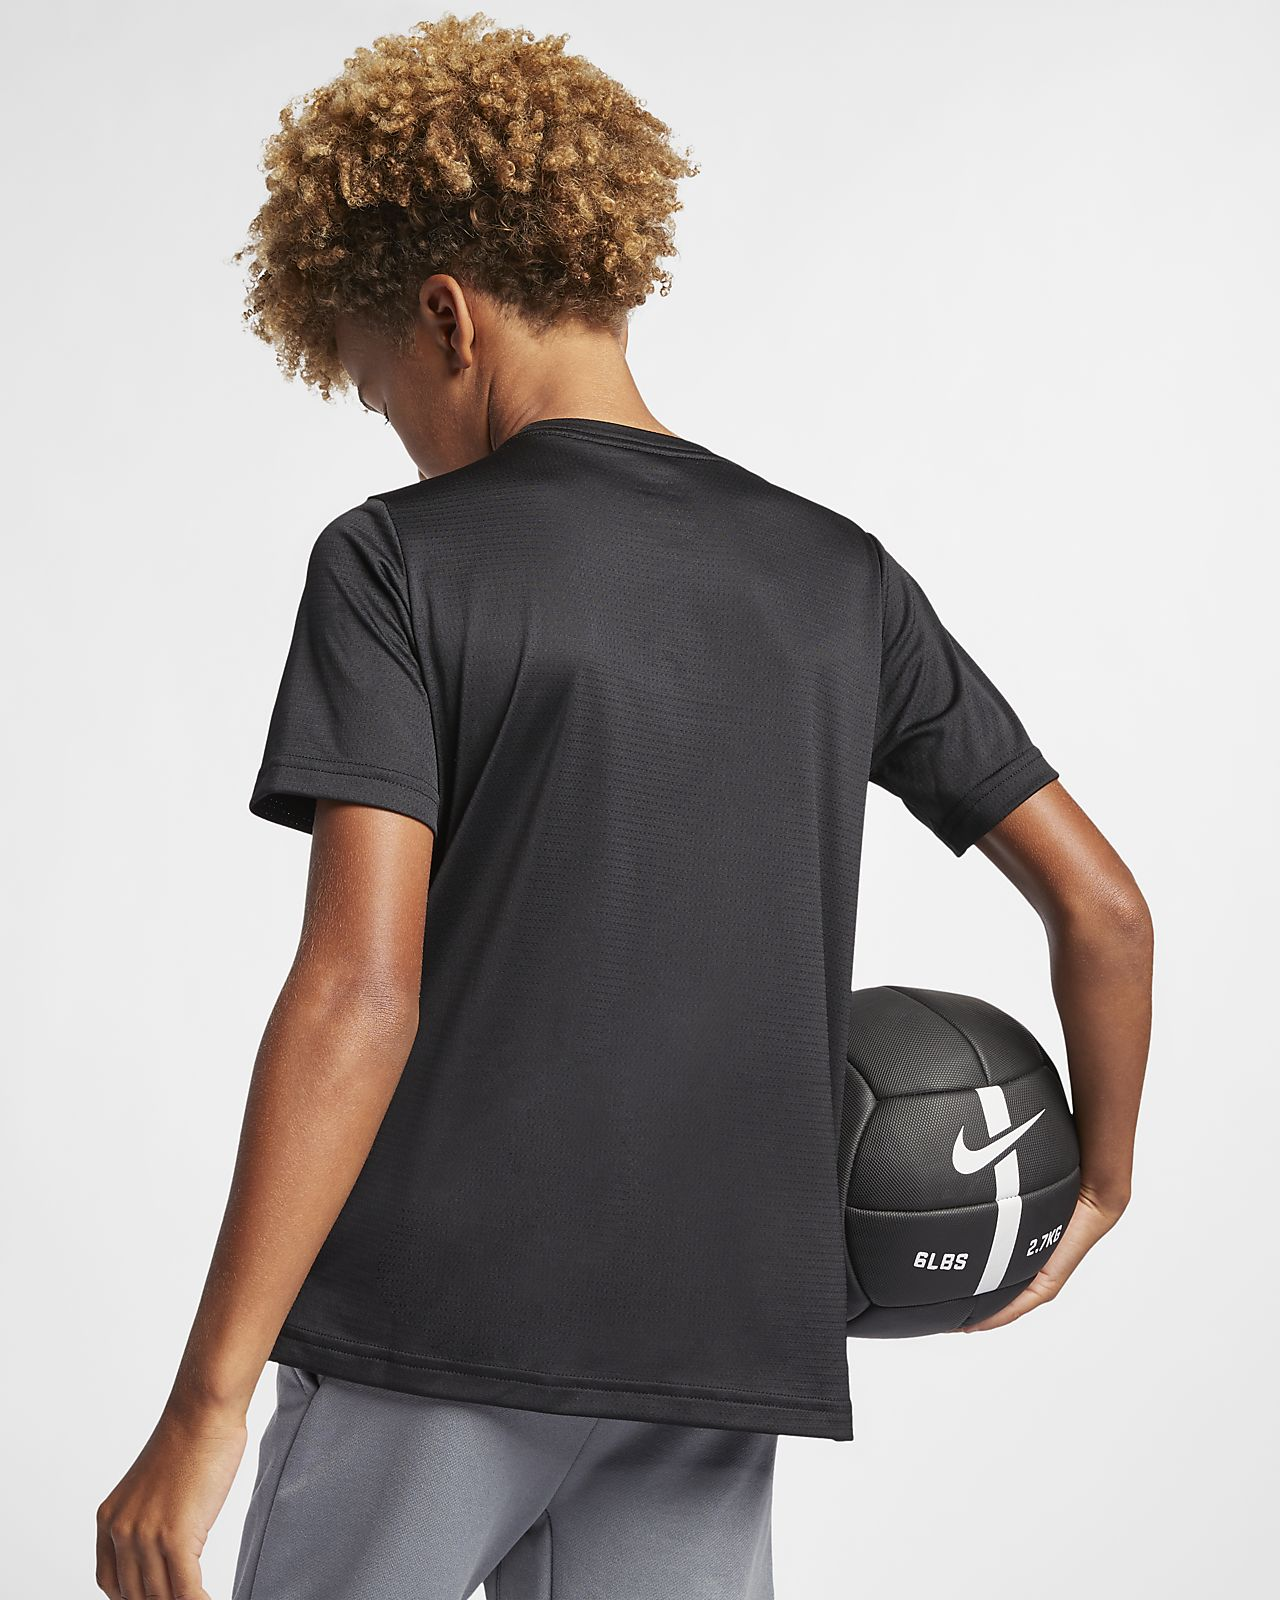 7eb007392 Nike Dri-FIT Camiseta de entrenamiento de manga corta - Niño. Nike ...